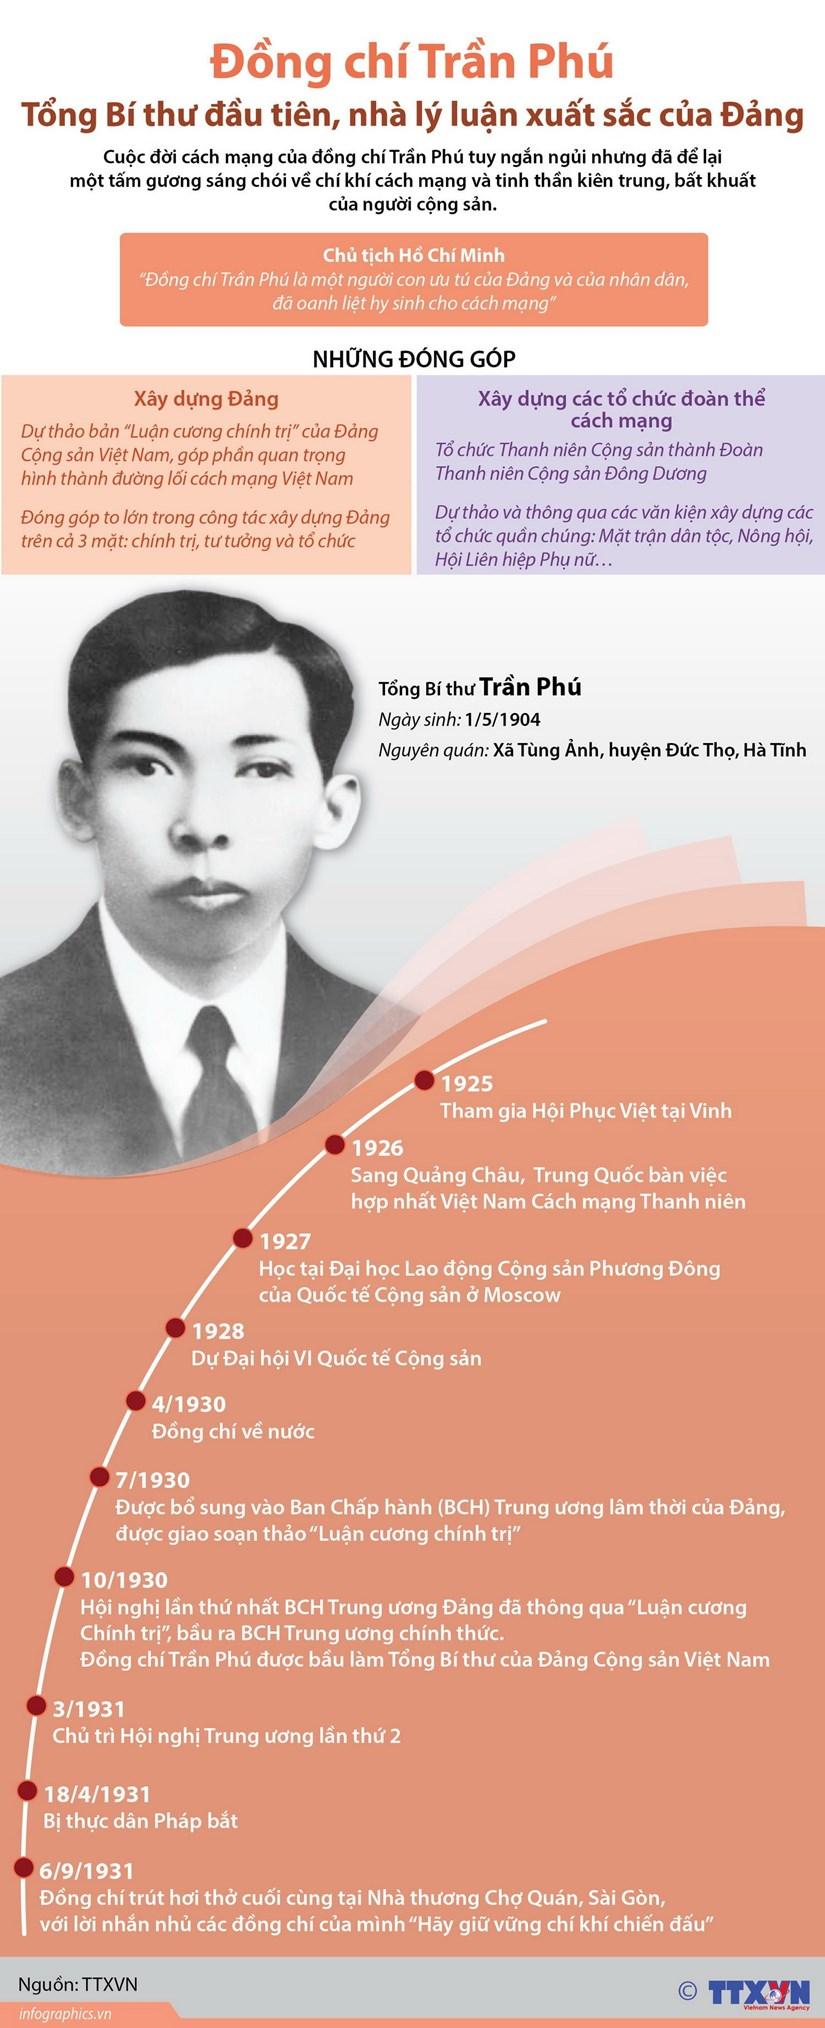 Trần Phú - Tổng Bí thư đầu tiên, nhà lý luận xuất sắc của Đảng